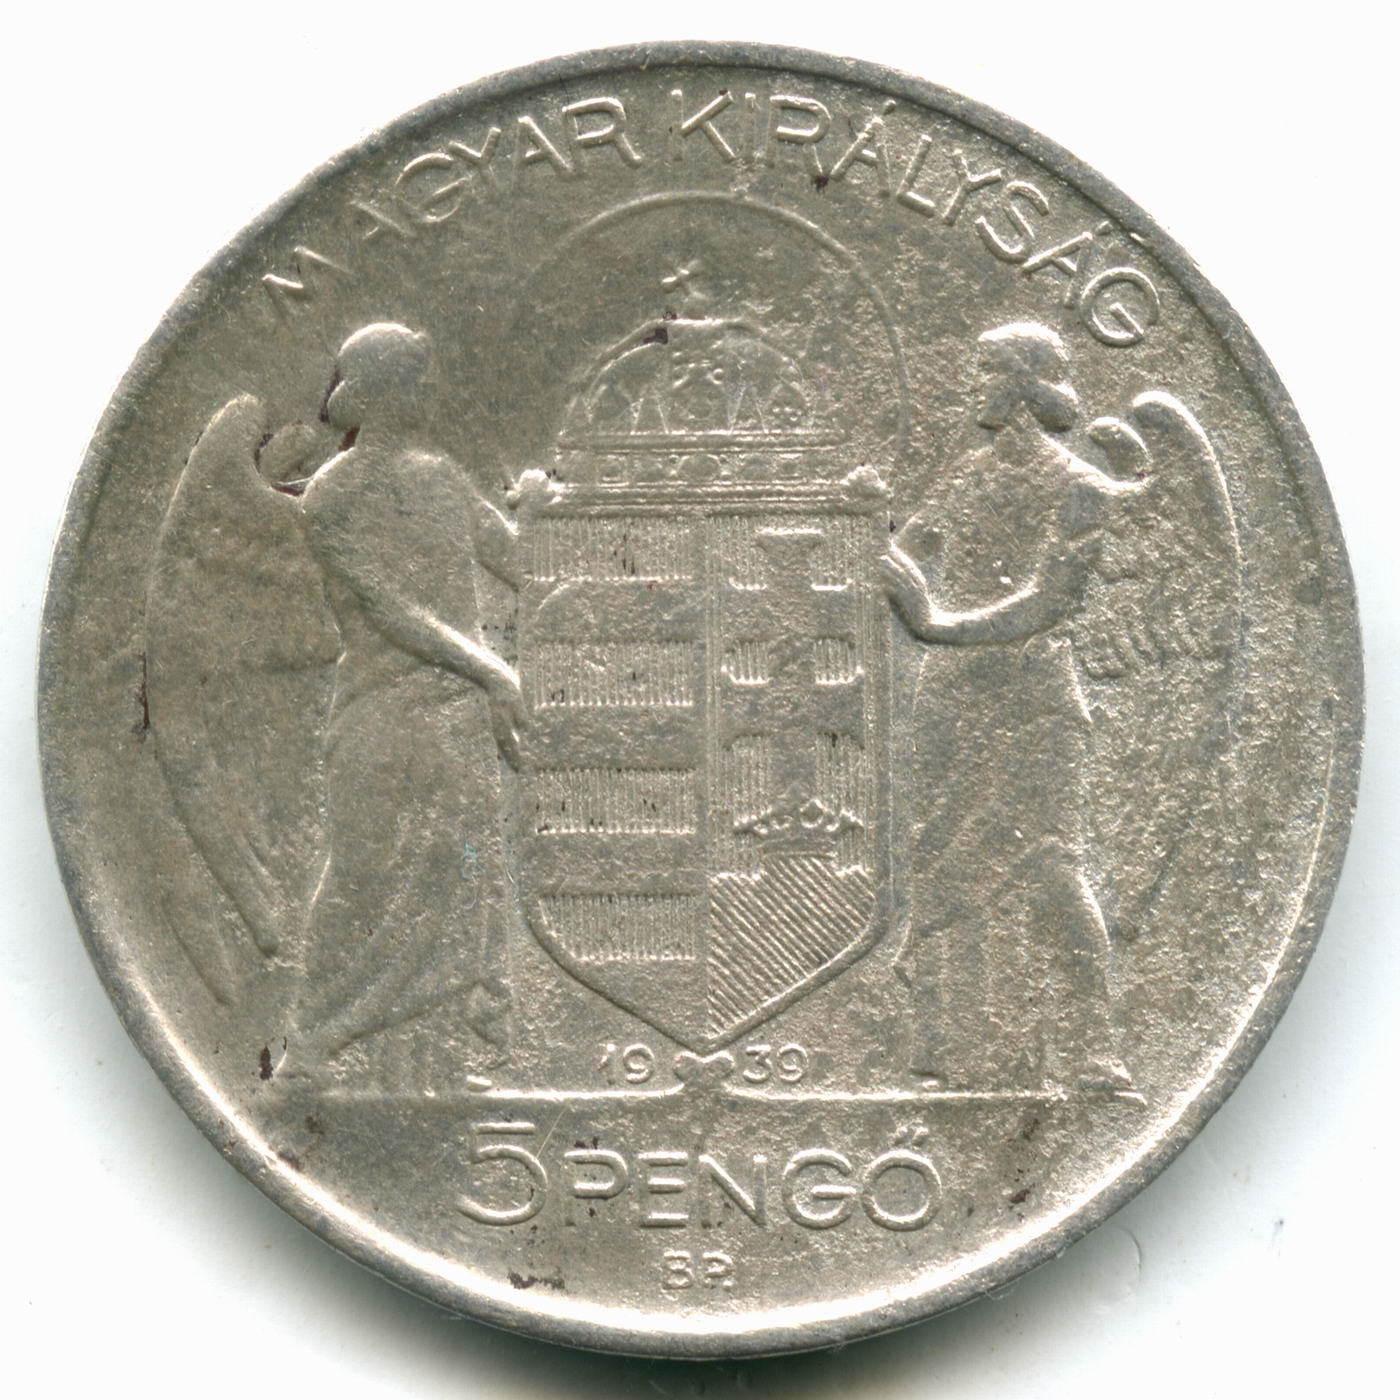 5 пенго 1939. Венгрия F-VF (Адмирал Хорти)